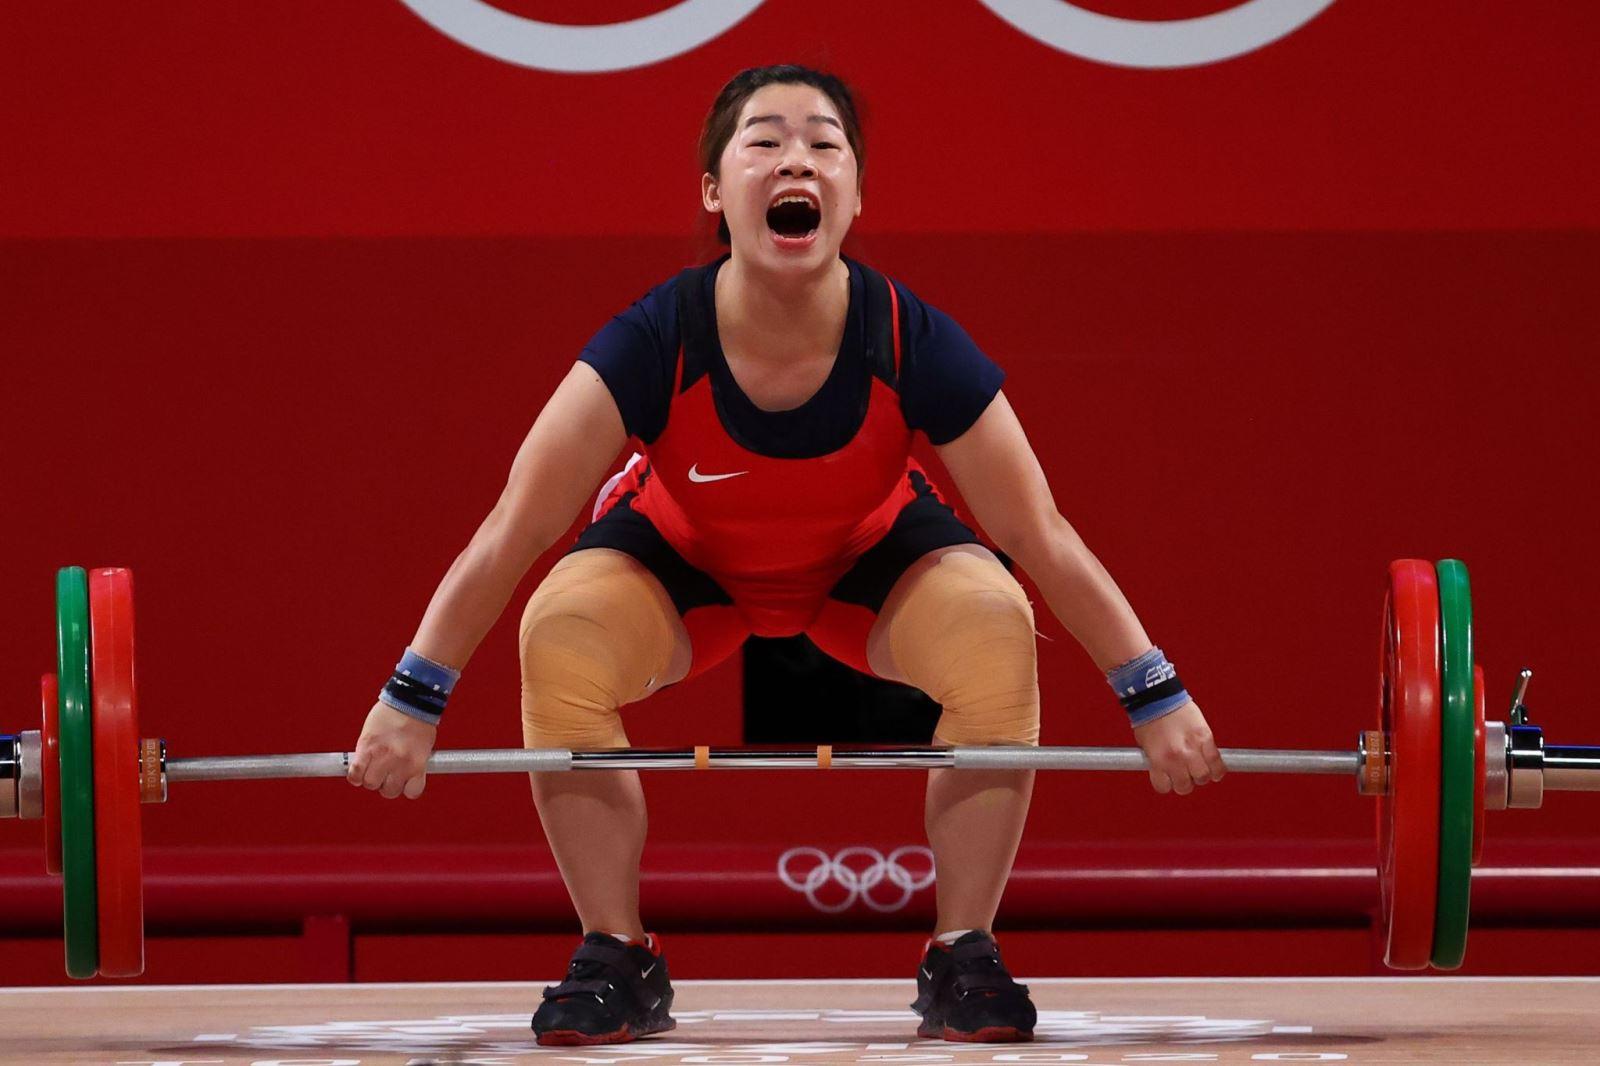 Hoàng Thị Duyên, Olympic Tokyo 2021, thể thao Việt Nam, Đoàn thể thao Việt Nam, cử tạ, cử tạ Việt Nam, nội dung cử tạ, Thạch Kim Tuấn, huy chương Olympic Tokyo